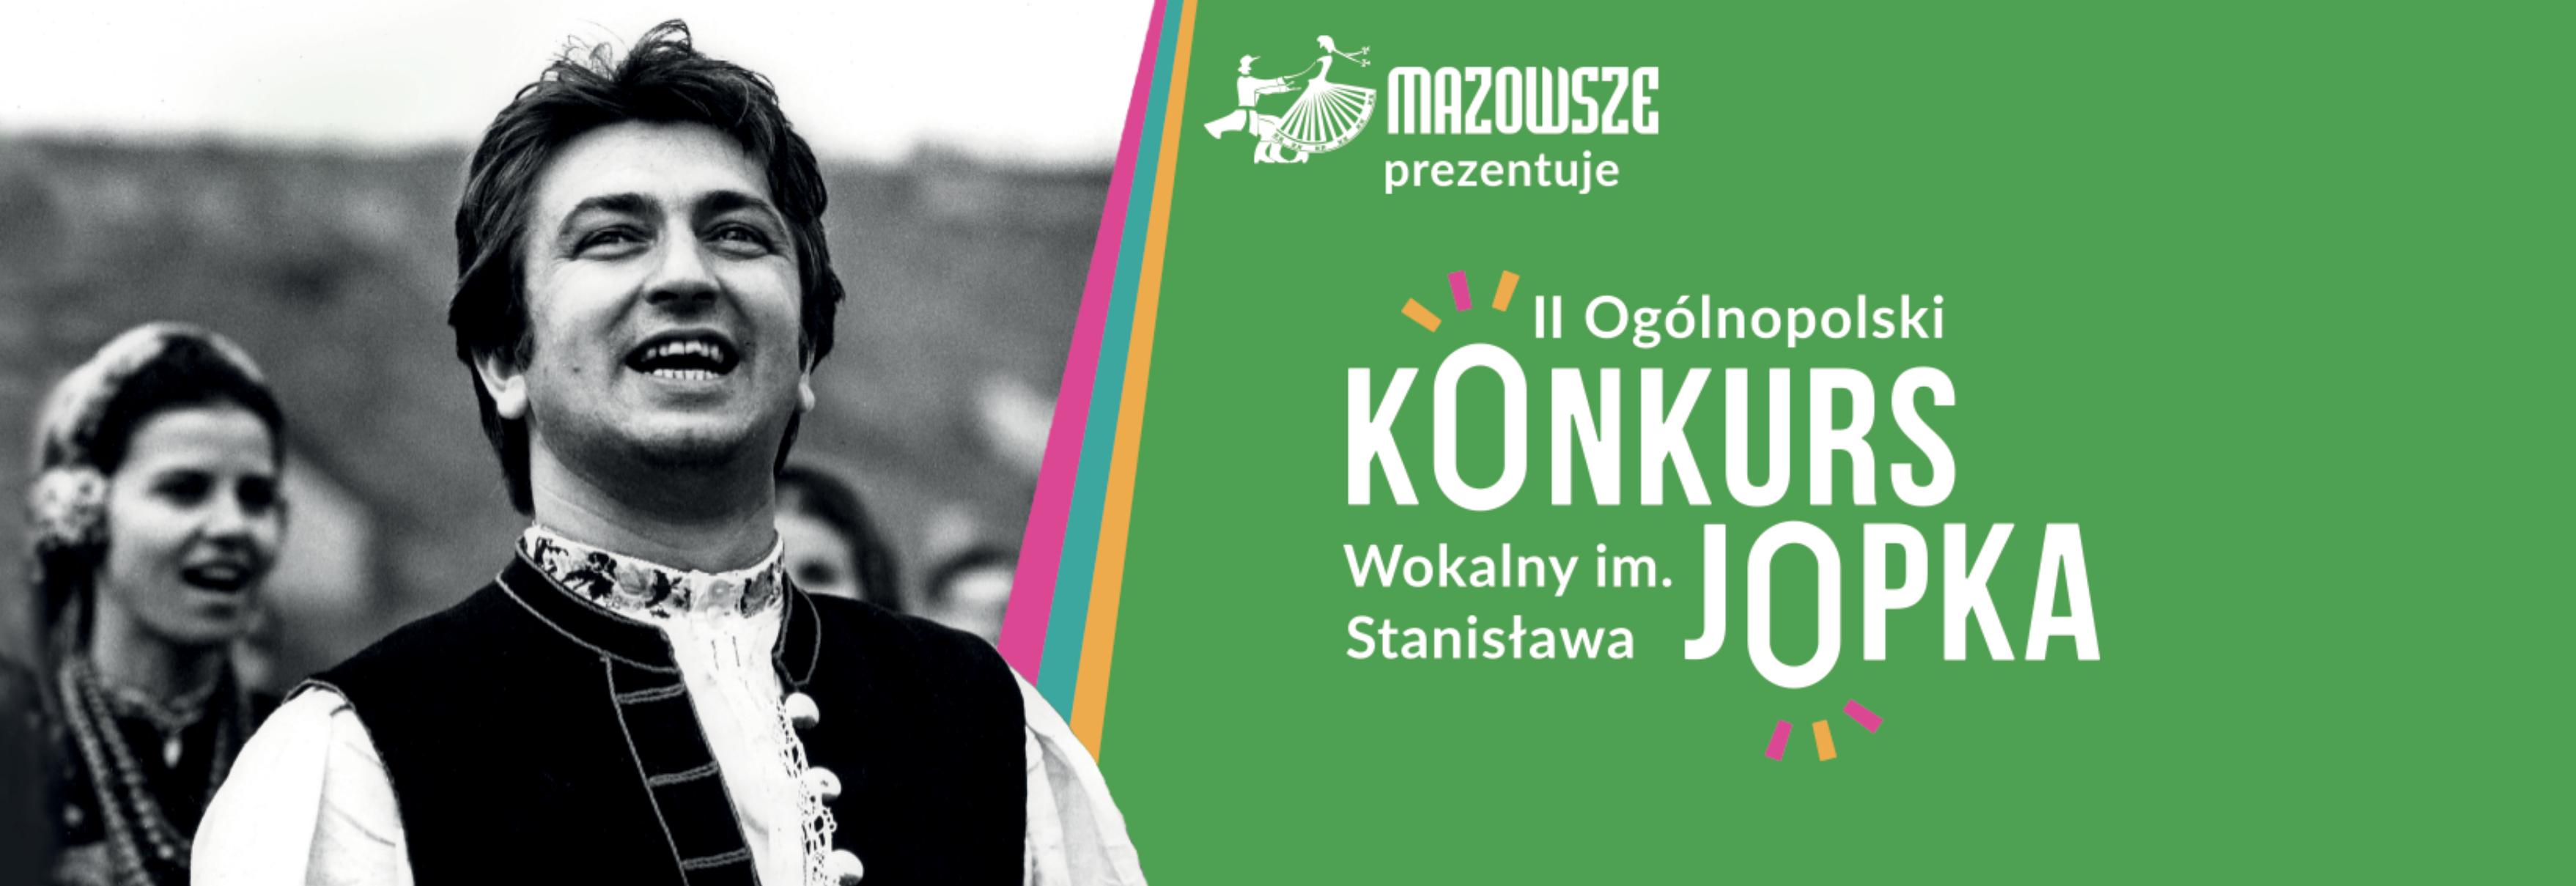 Zapraszamy do udziału w II Ogólnopolskim Konkursie Wokalnym im. Stanisława Jopka